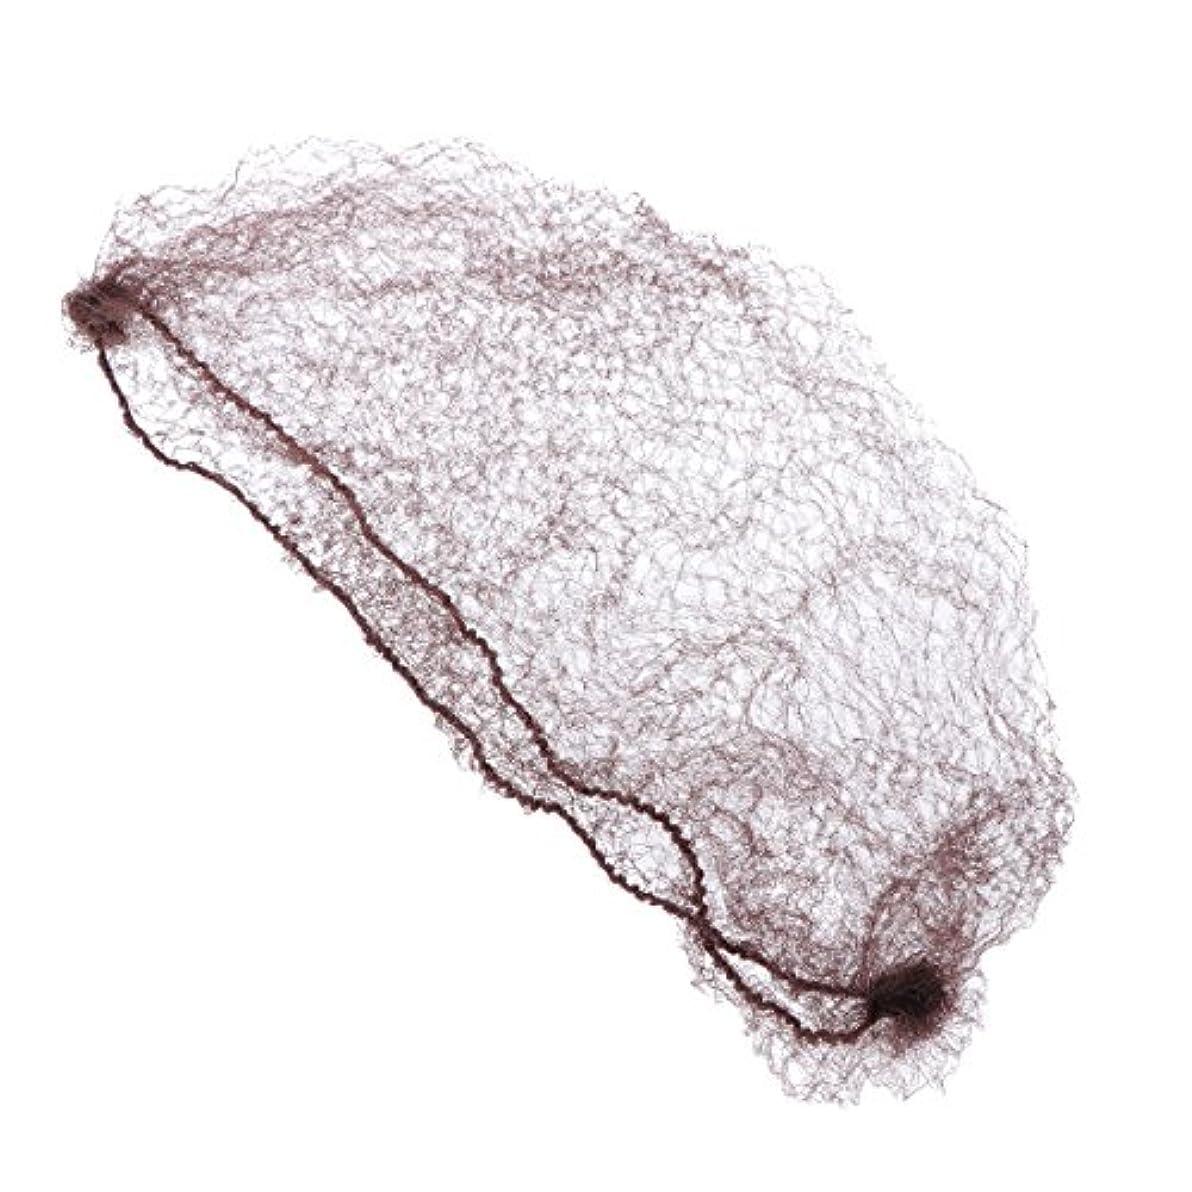 落ち込んでいるしてはいけません嫌悪Frcolor ヘアネット 髪束ねネット 目に見えない 弾性 団子ドレスアップ アクセサリー 再利用可能 50本 (コーヒー/ 50cm)